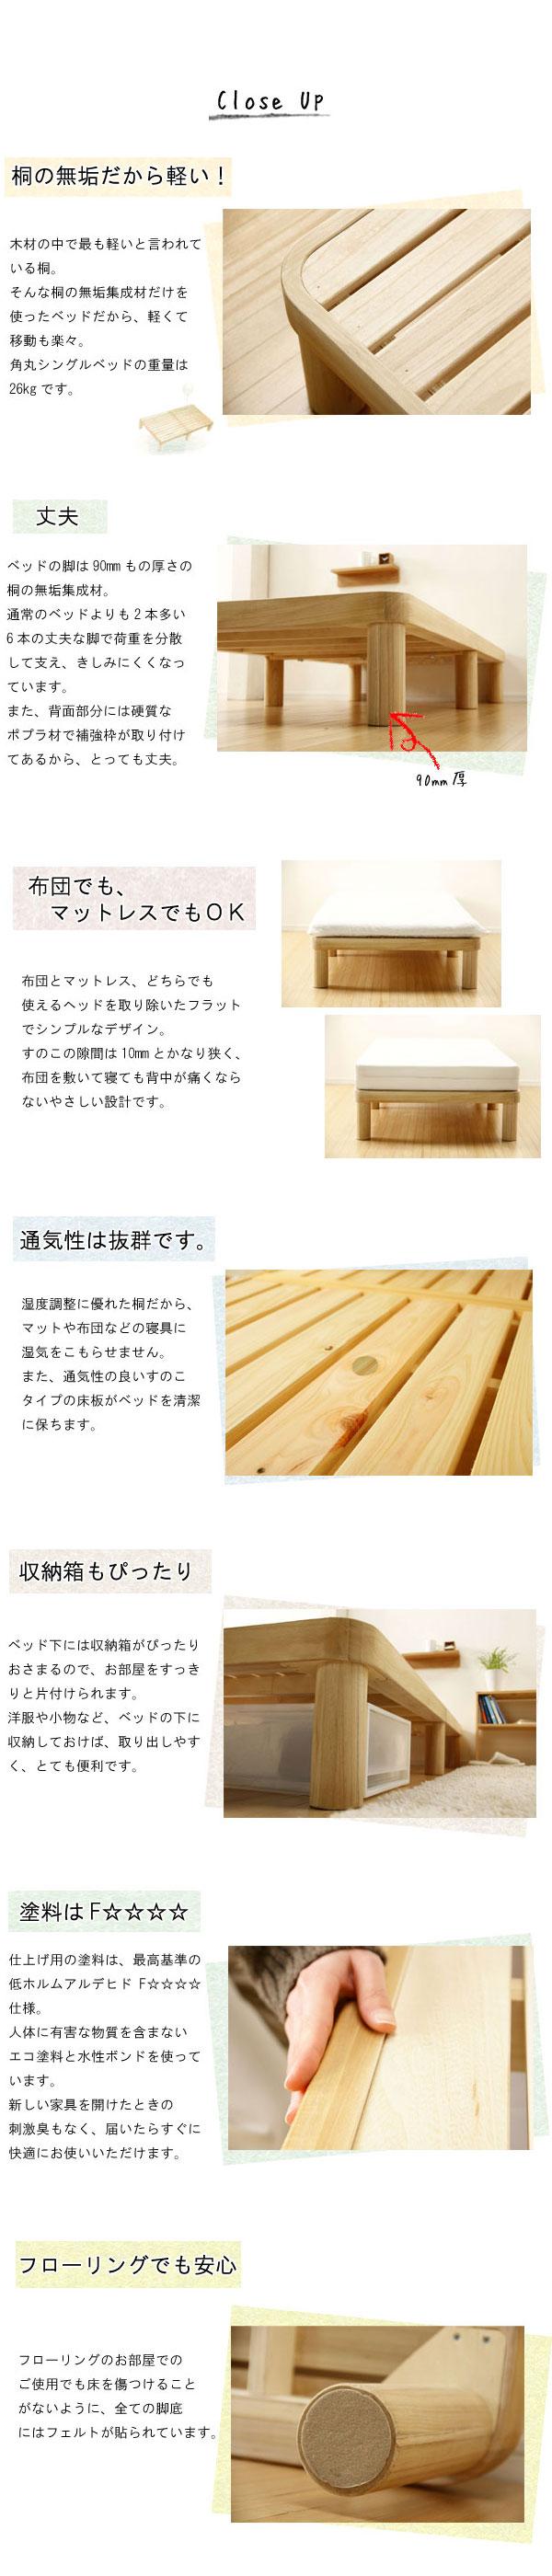 国産 桐のすのこベッド・シングル・角丸タイプイメージ画像5